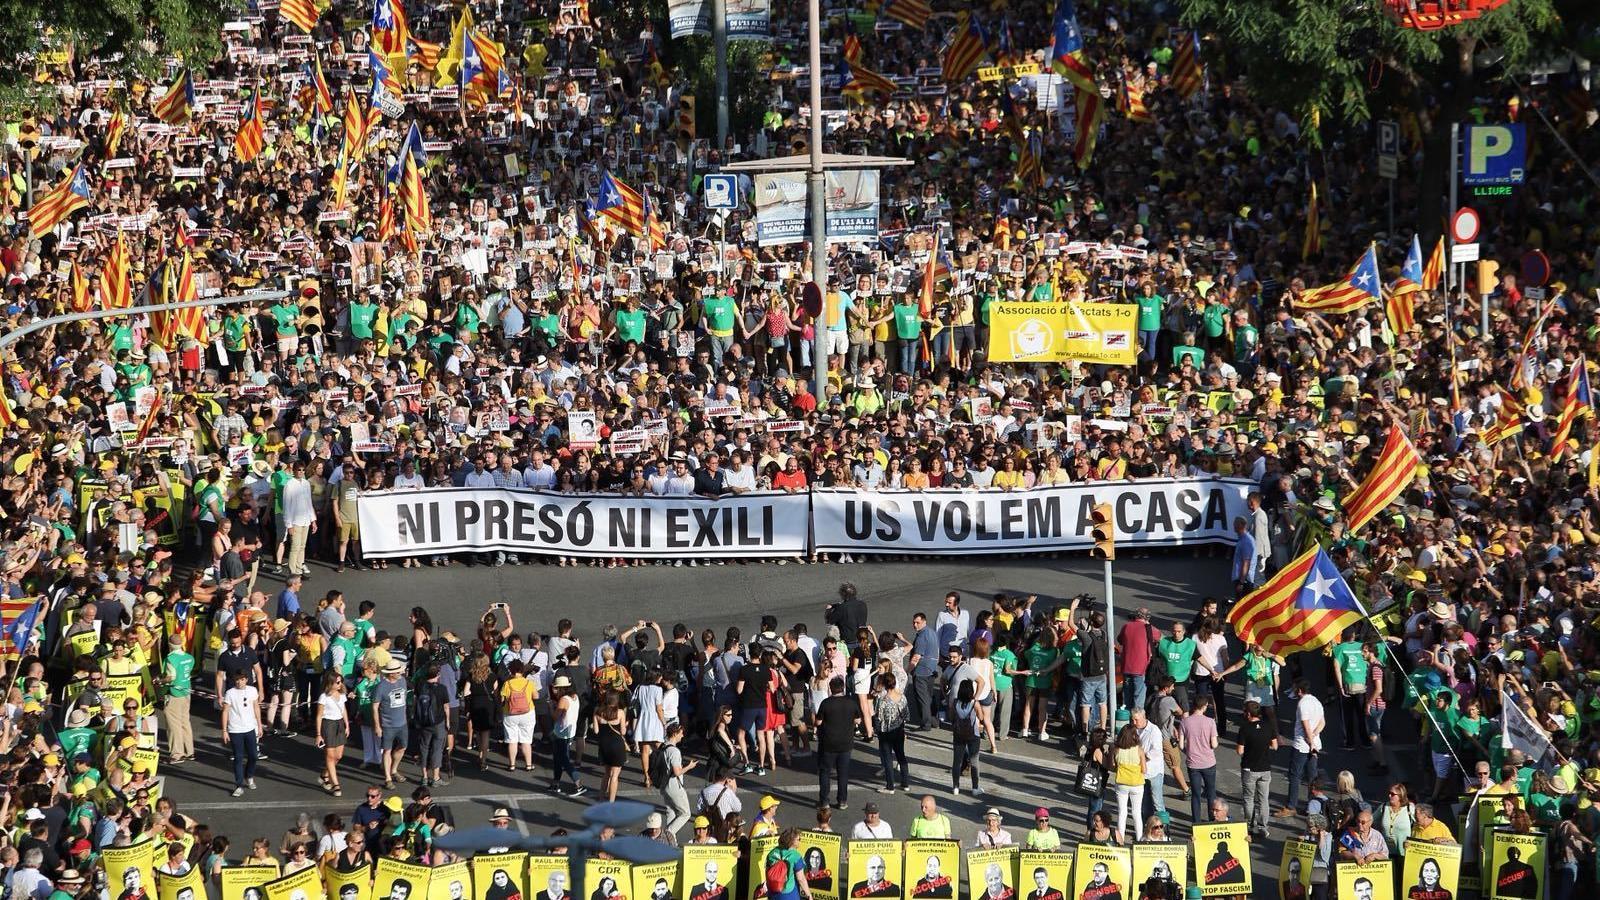 https://www.ara.cat/2018/07/14/imatges/manifestacio-llibertat-dels-presos_2051205170_55350677_735x341.jpg